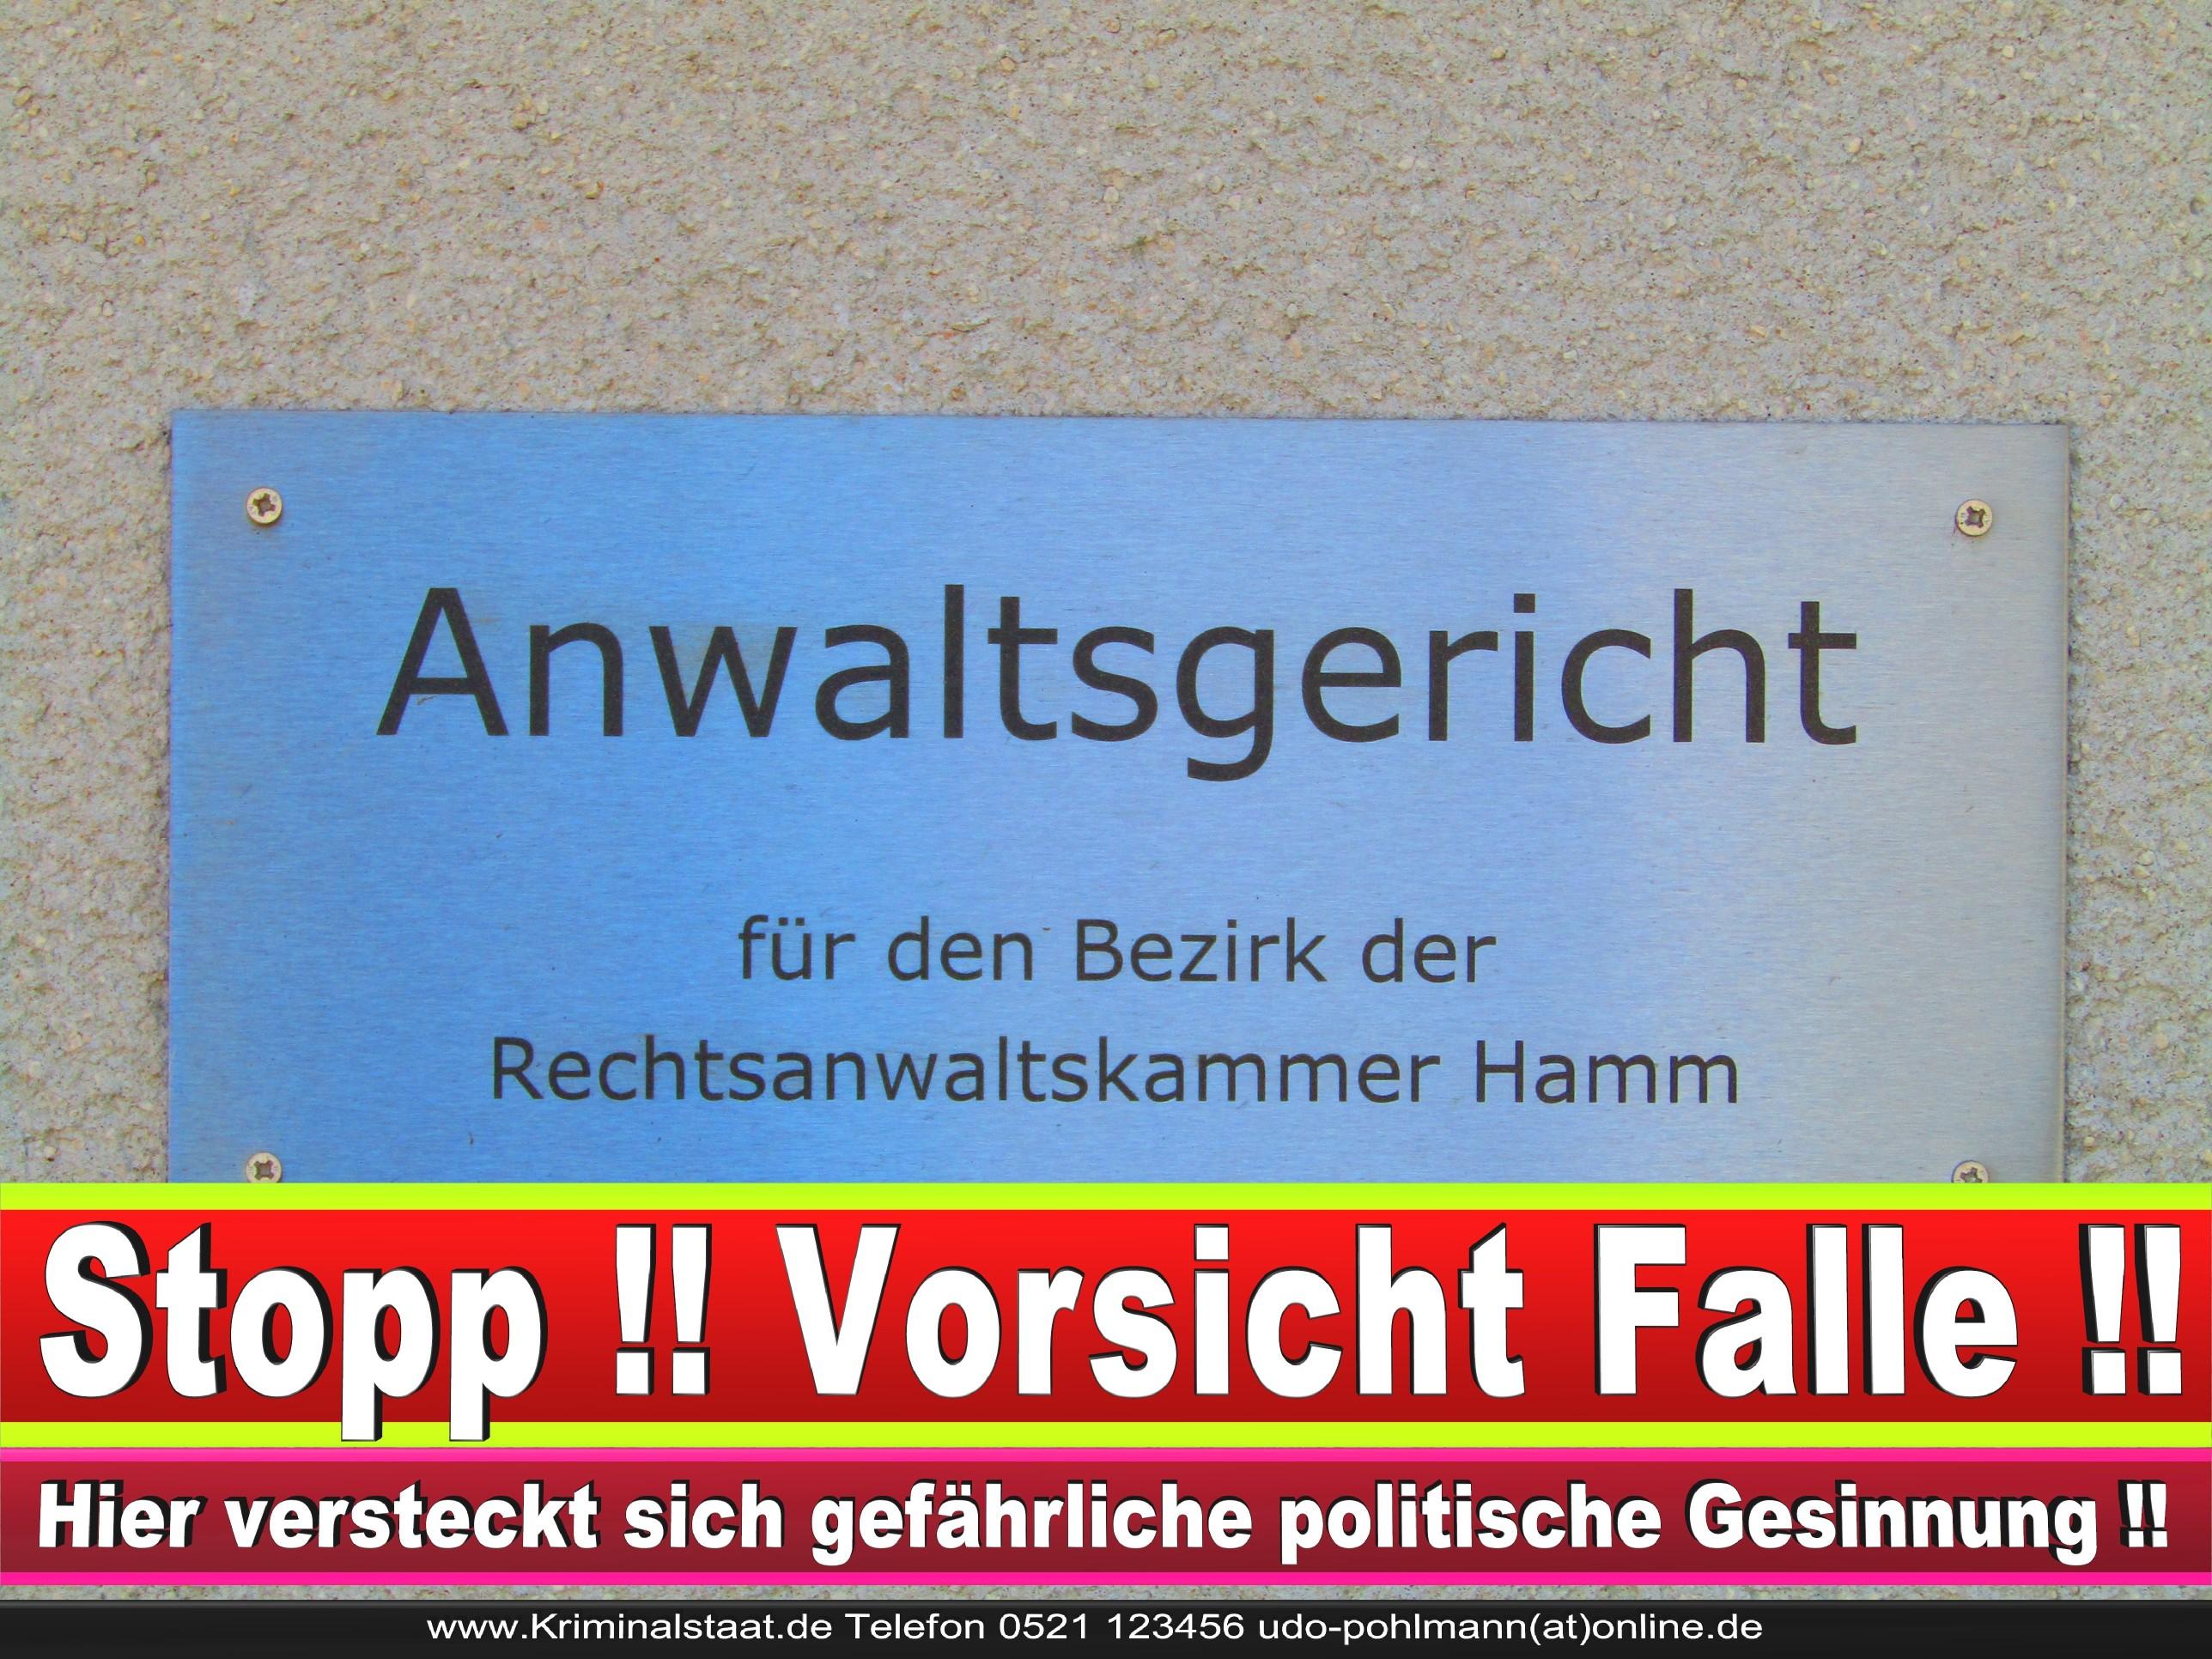 Rechtsanwaltskammer Hamm NRW Justizminister Rechtsanwalt Notar Vermögensverfall Urteil Rechtsprechung CDU SPD FDP Berufsordnung Rechtsanwälte Rechtsprechung (4)